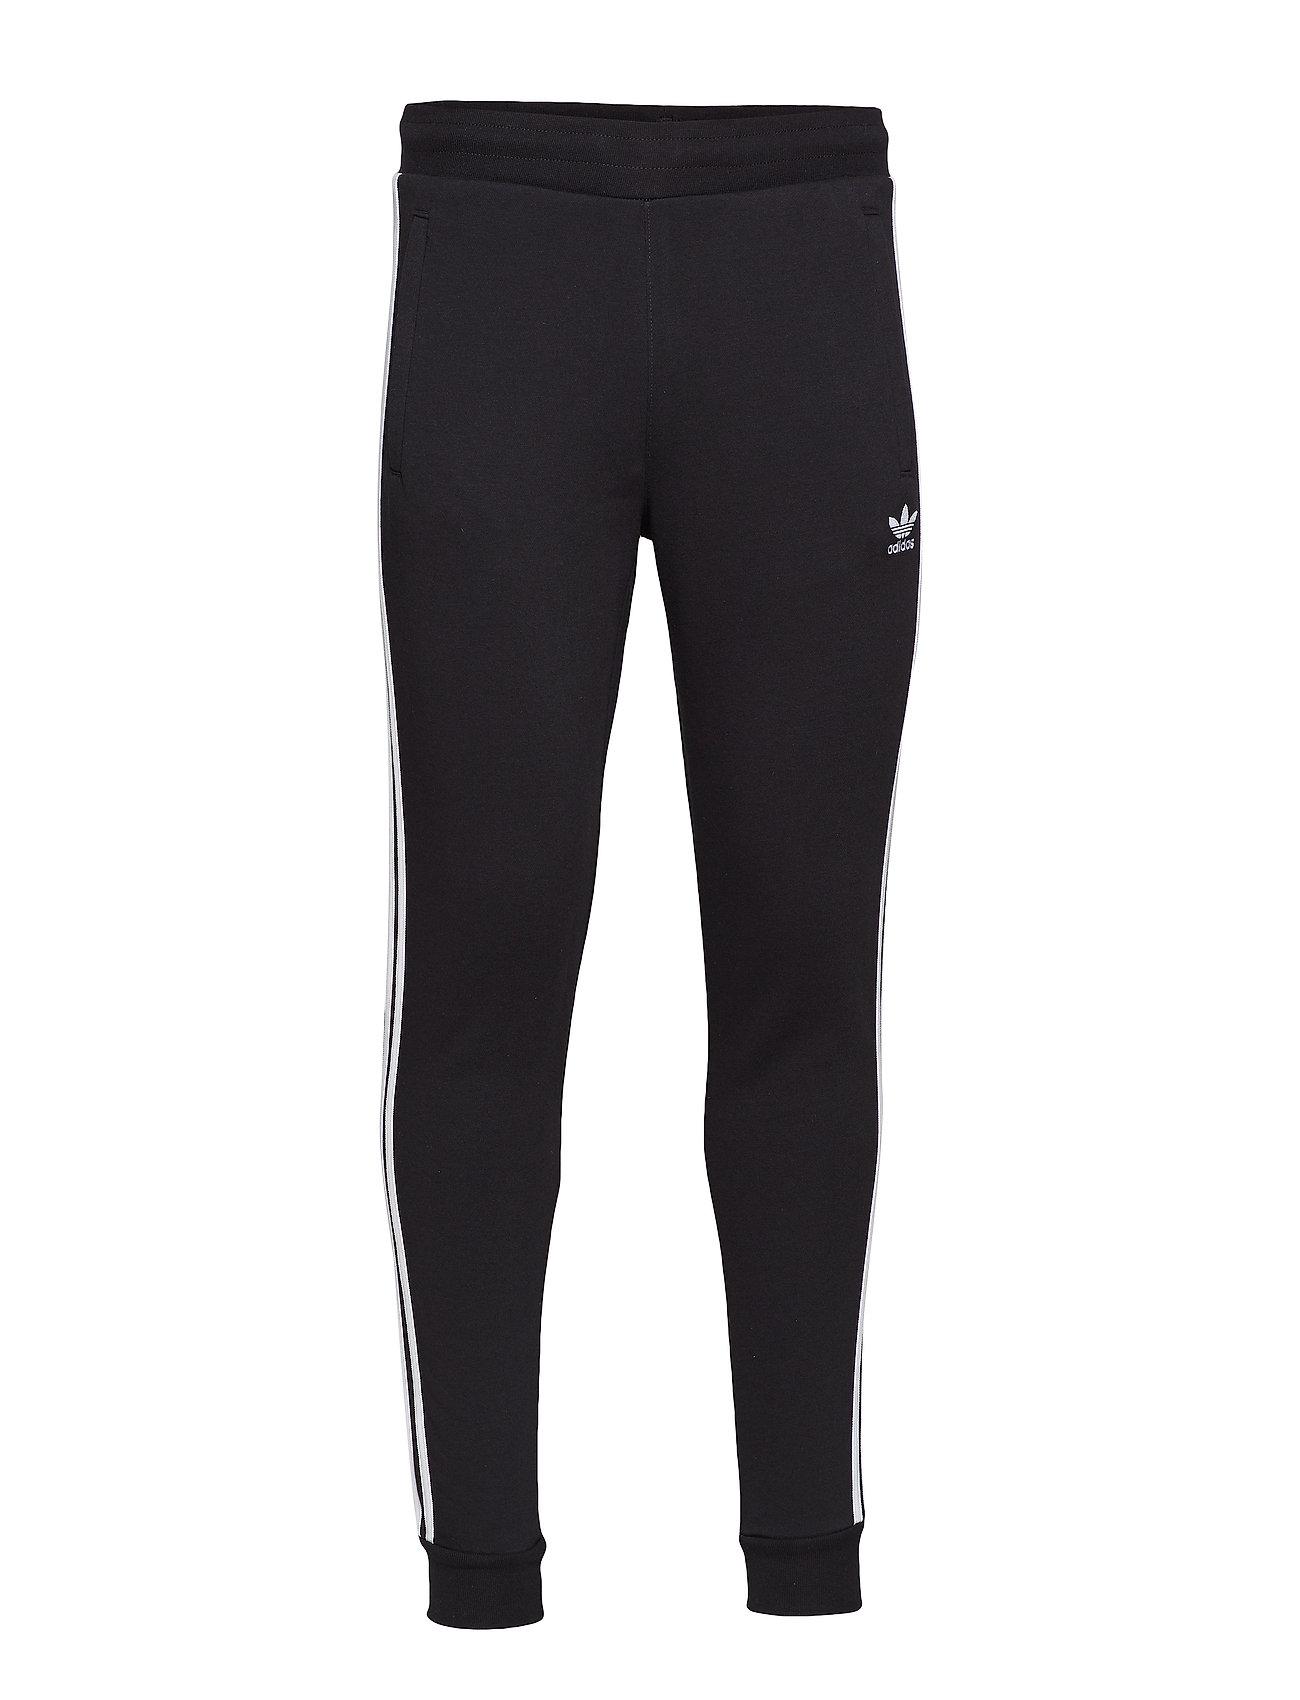 adidas Originals STRIPES PANT Træningsbukser black